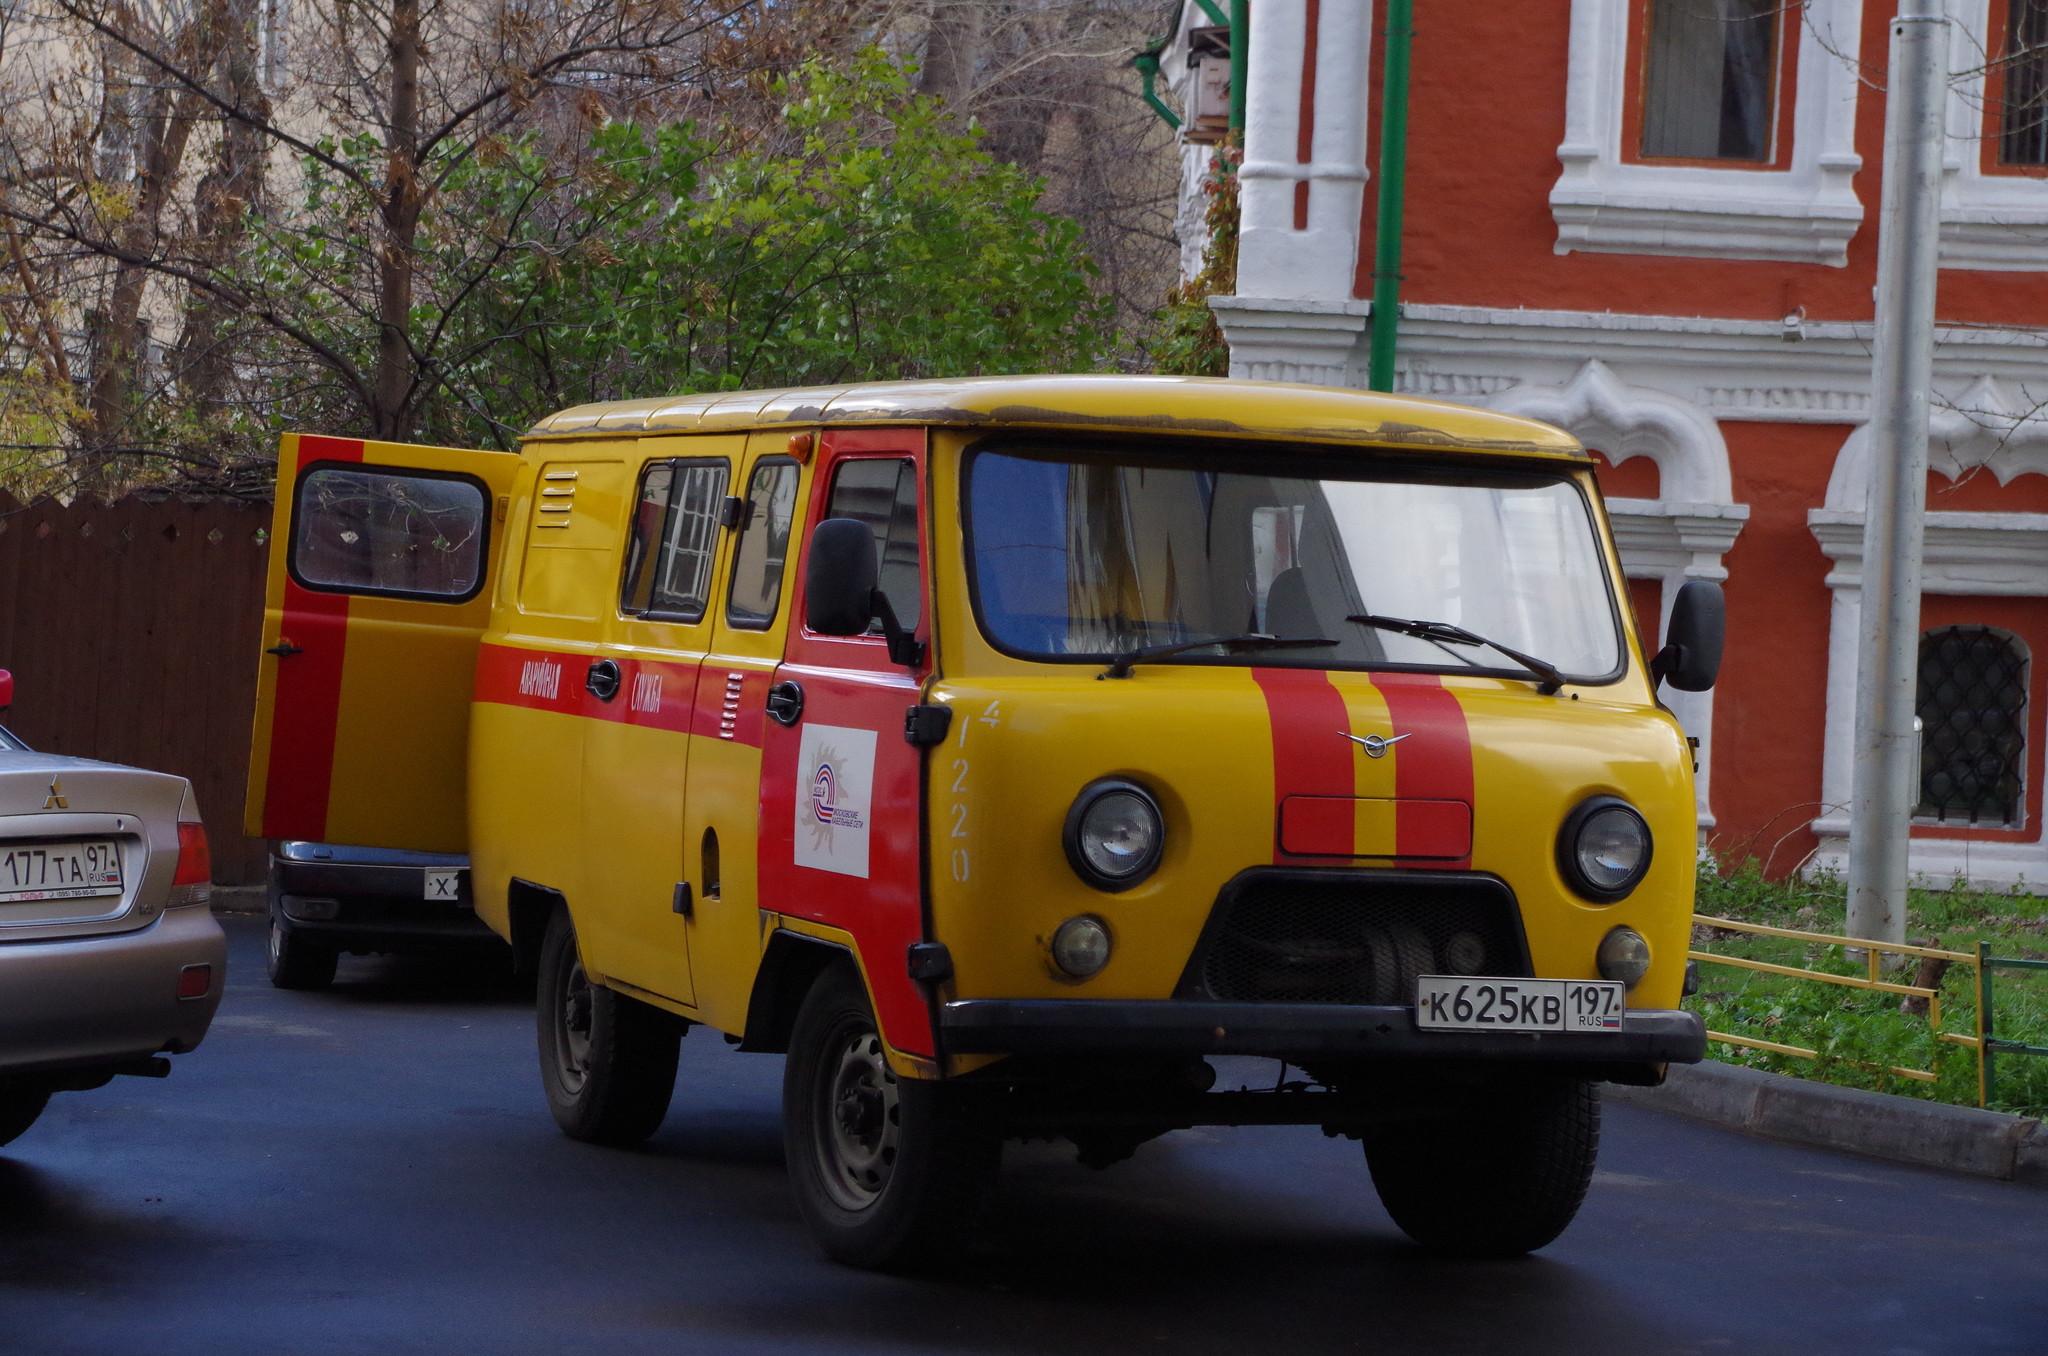 Аварийная служба в Сверчковом переулке